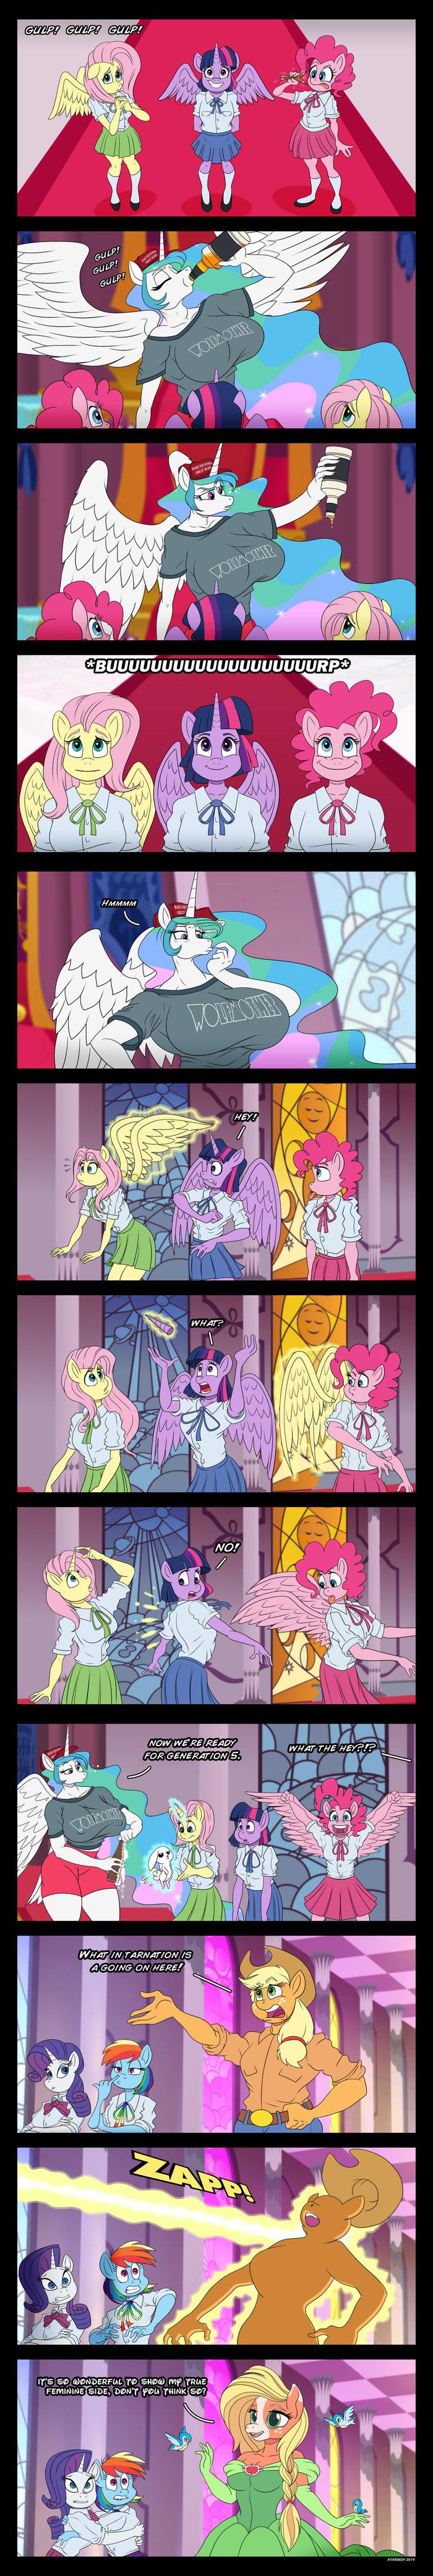 Ну все к пятому поколению готовы. My Little Pony, Mane 6, Princess Celestia, Антро, MLP Edge, Длиннопост